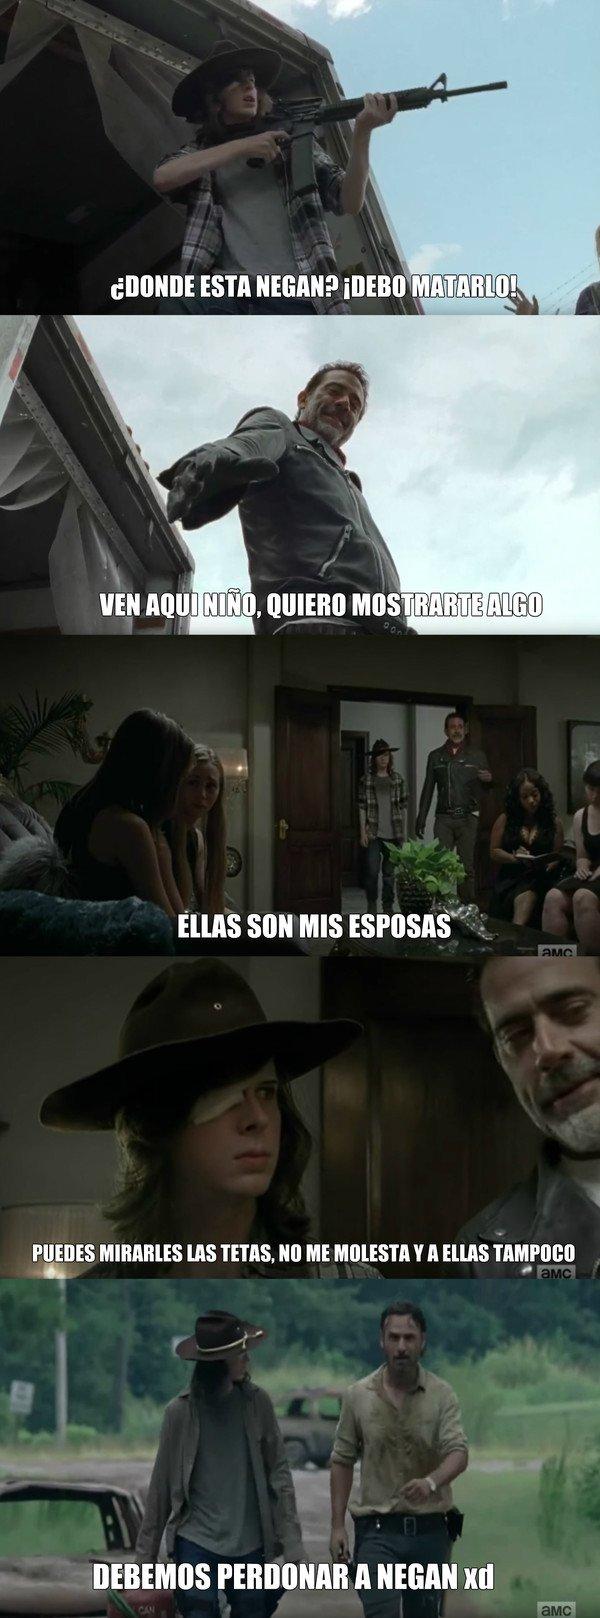 Me_gusta - La razón de porque Carl quiere perdonar a Negan